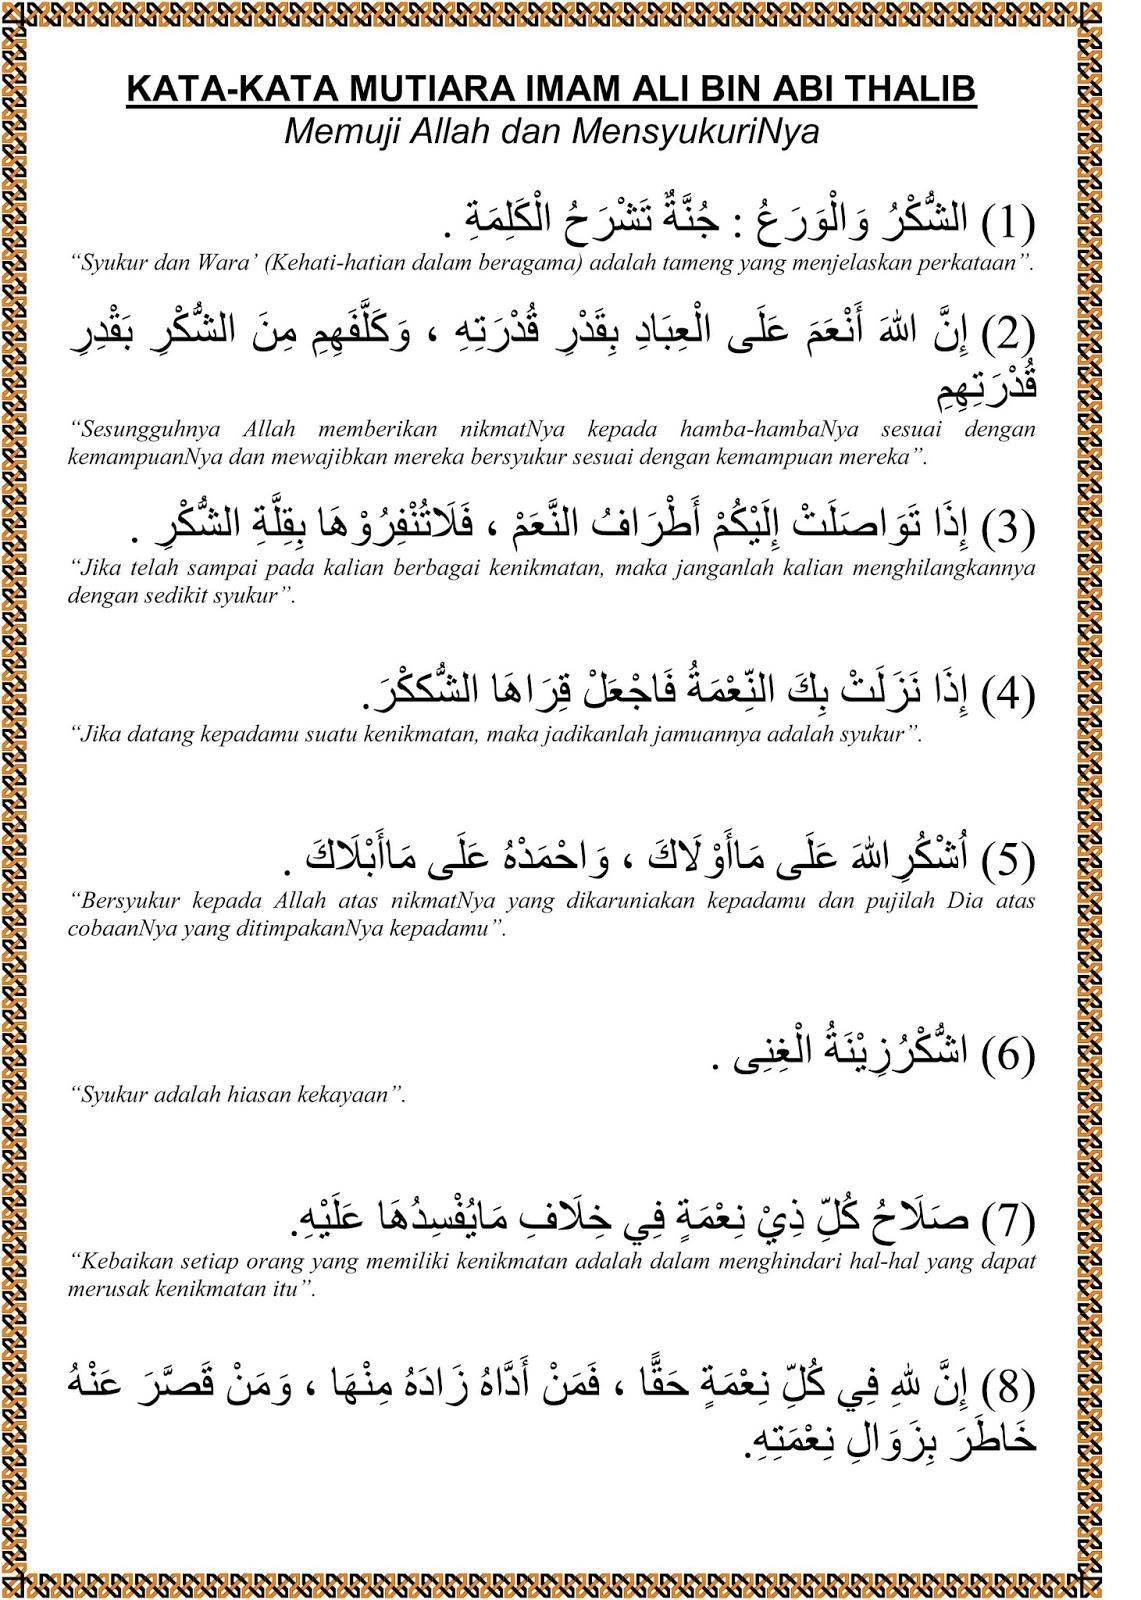 Memuji Allah Dan MensyukuriNya Majelis Talim Almunawwarah